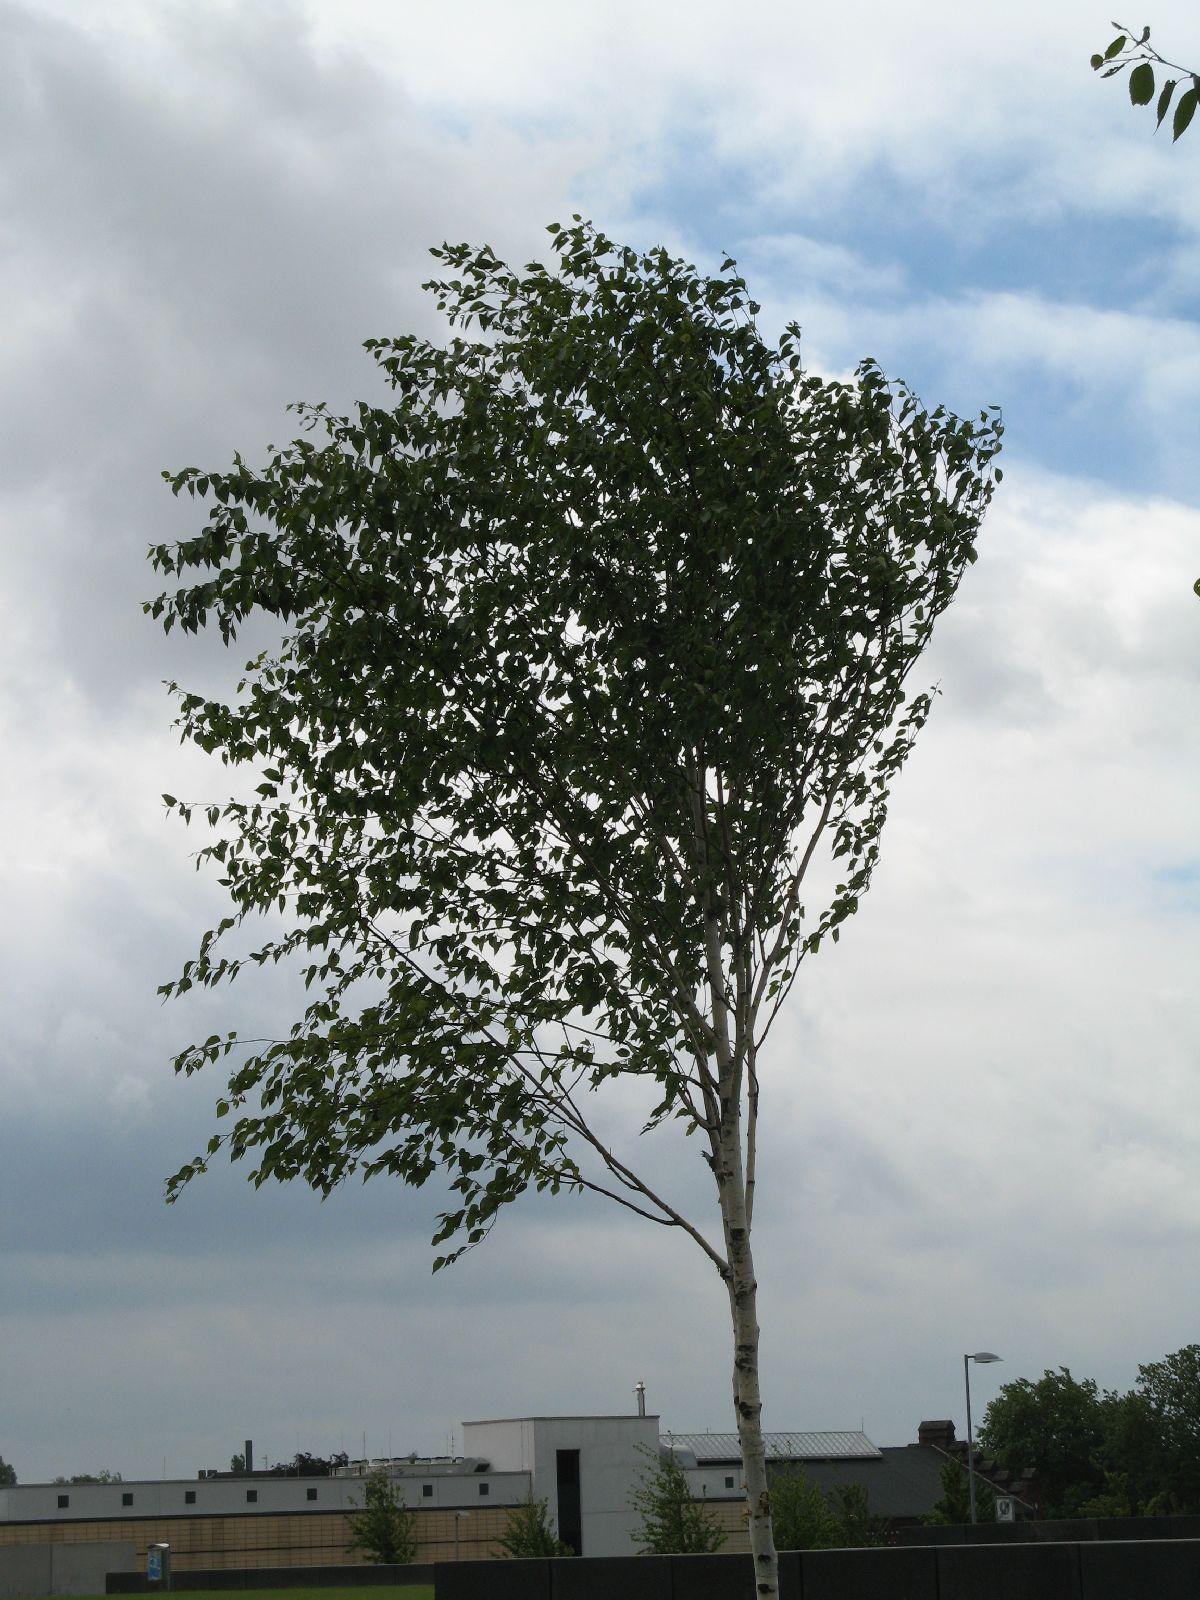 Pflanzen-Baum-Foto_Textur_B_01900